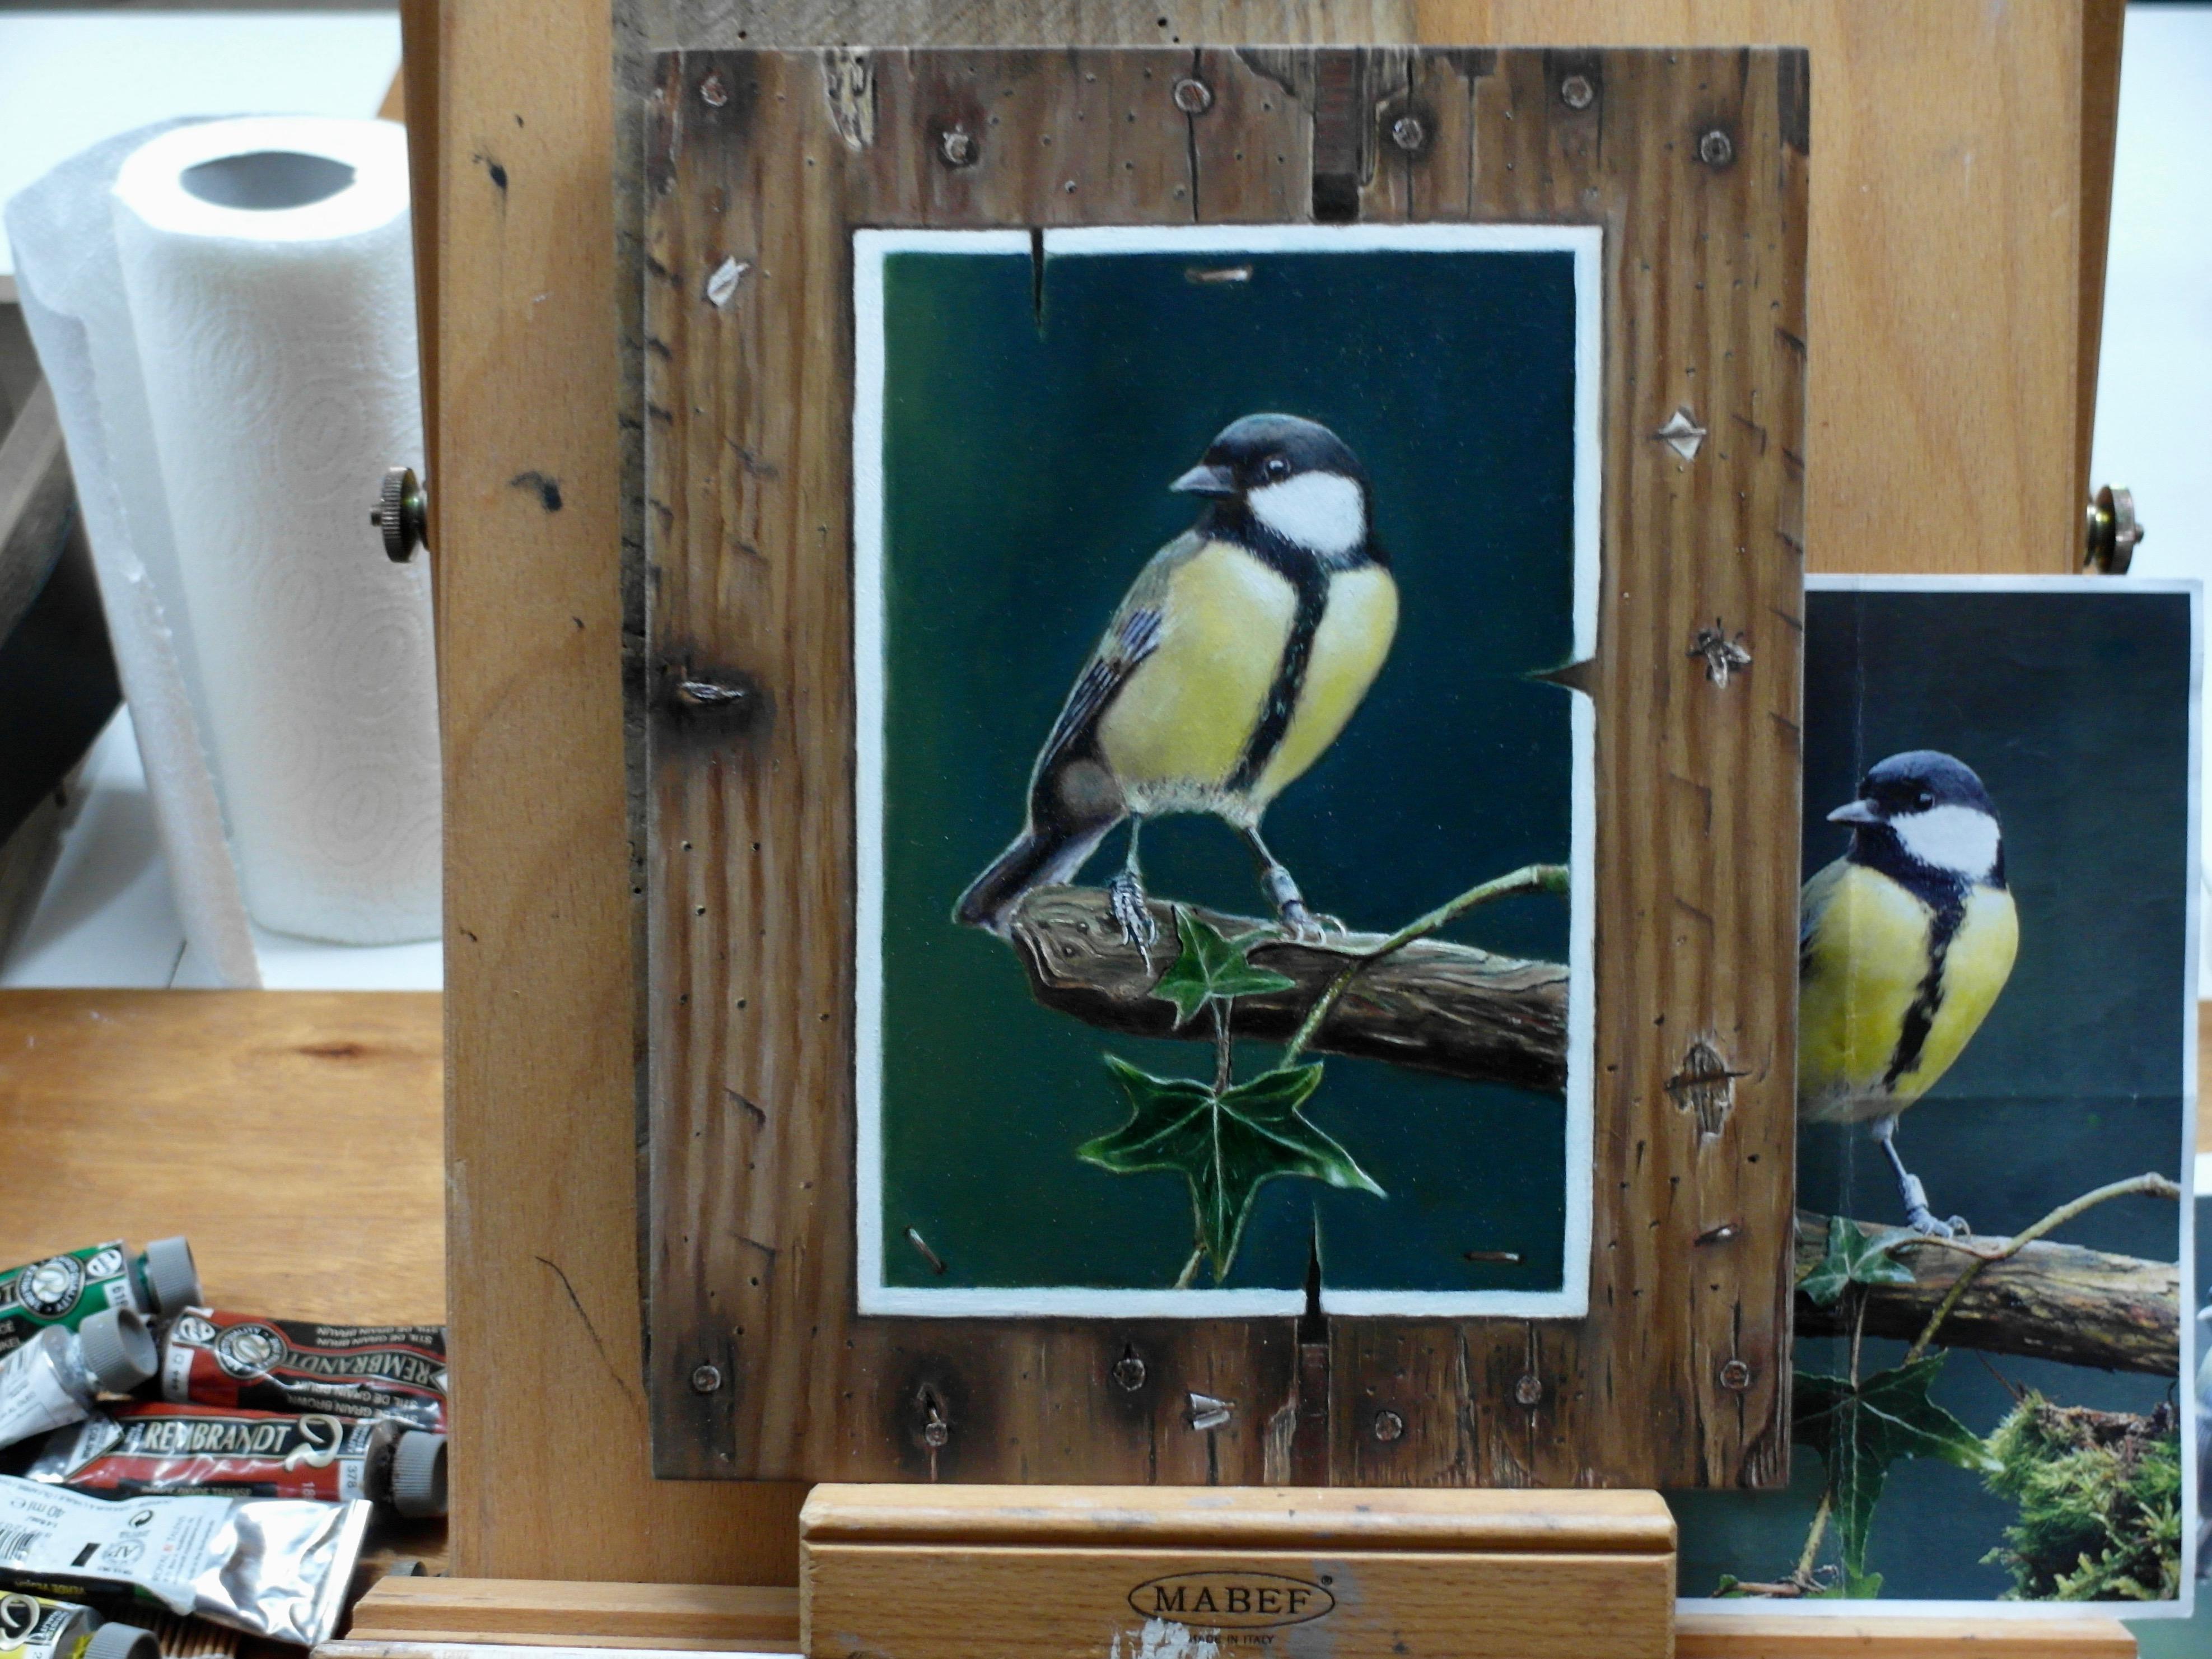 Theo/ compositie naar voorbeeld foto/ met eigen inbreng houtstructuur